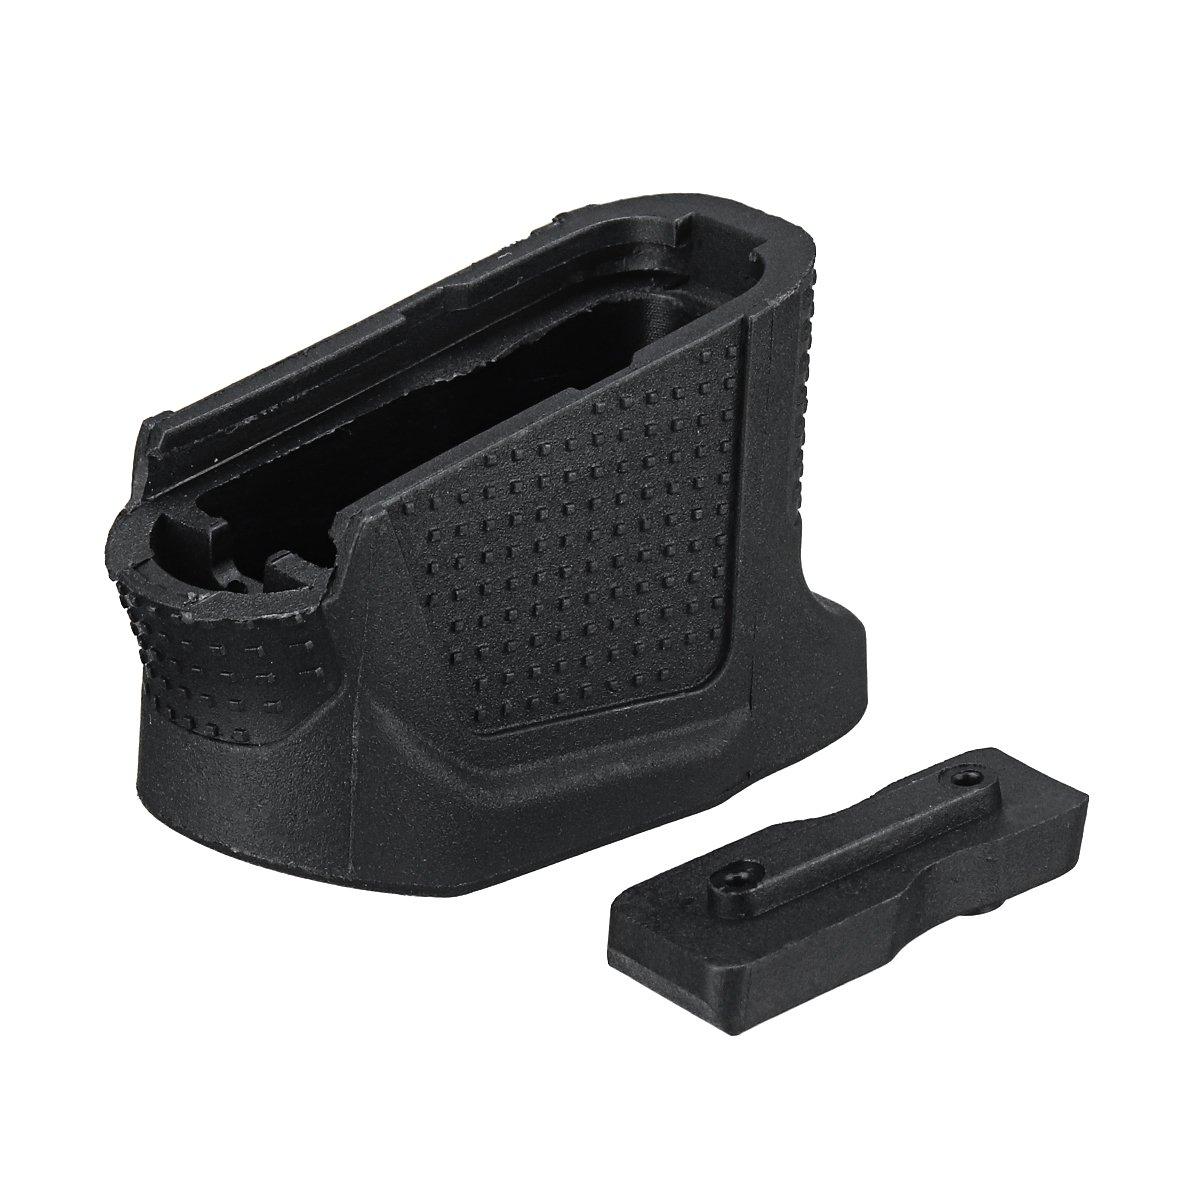 MYAMIA Ersatz-Erweiterte Zeitschriften Erweiterung Basis Platte Hinzuf/ügen Mit 2 Runden F/ür Glock 43 Tools Kit